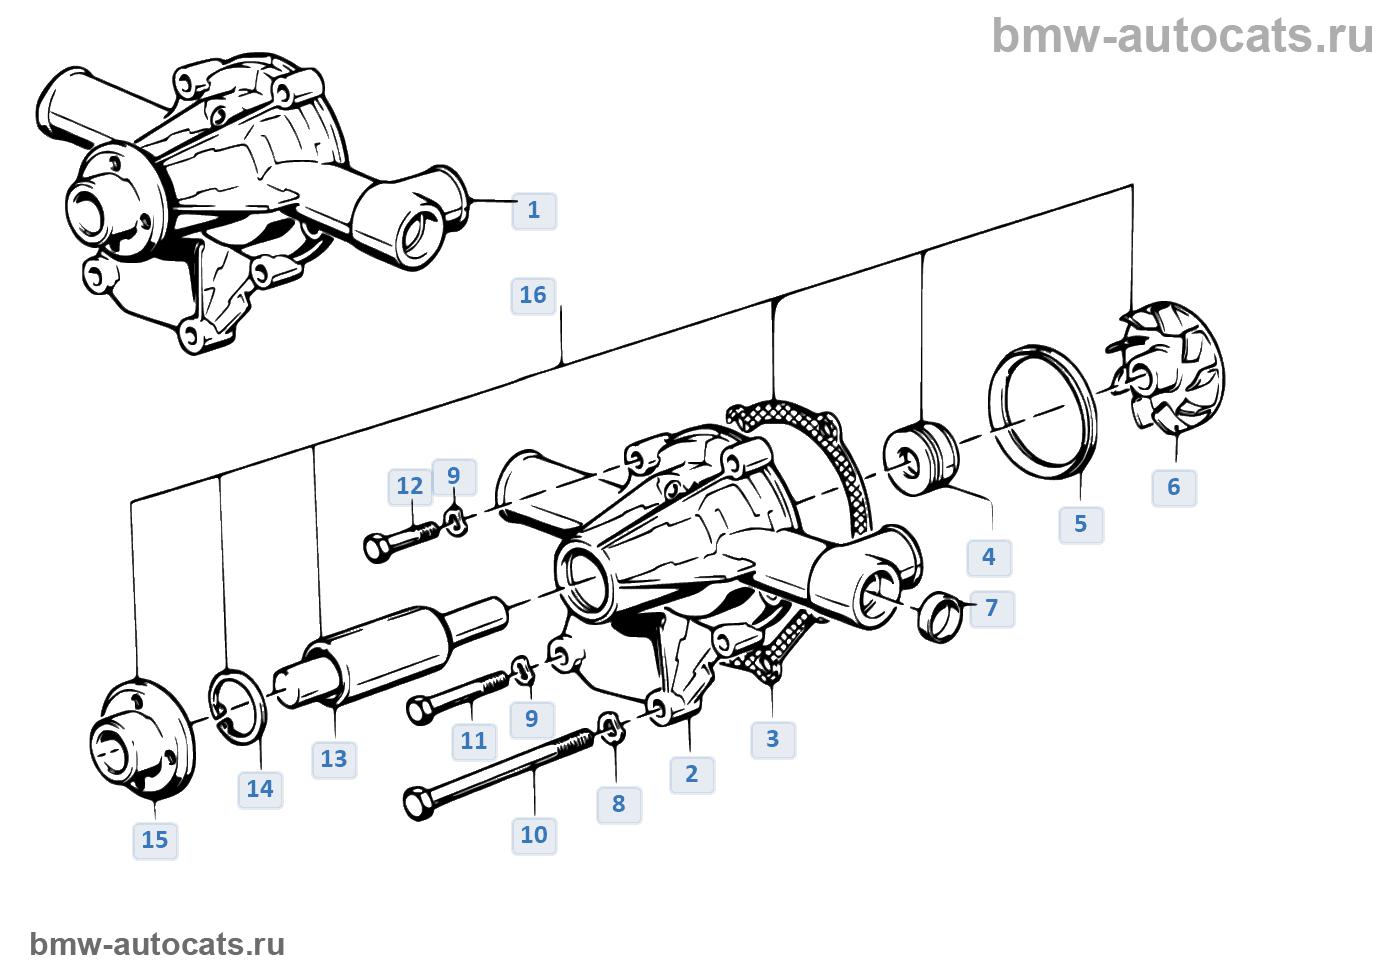 bmw e28 m10 шланги системы охлаждения